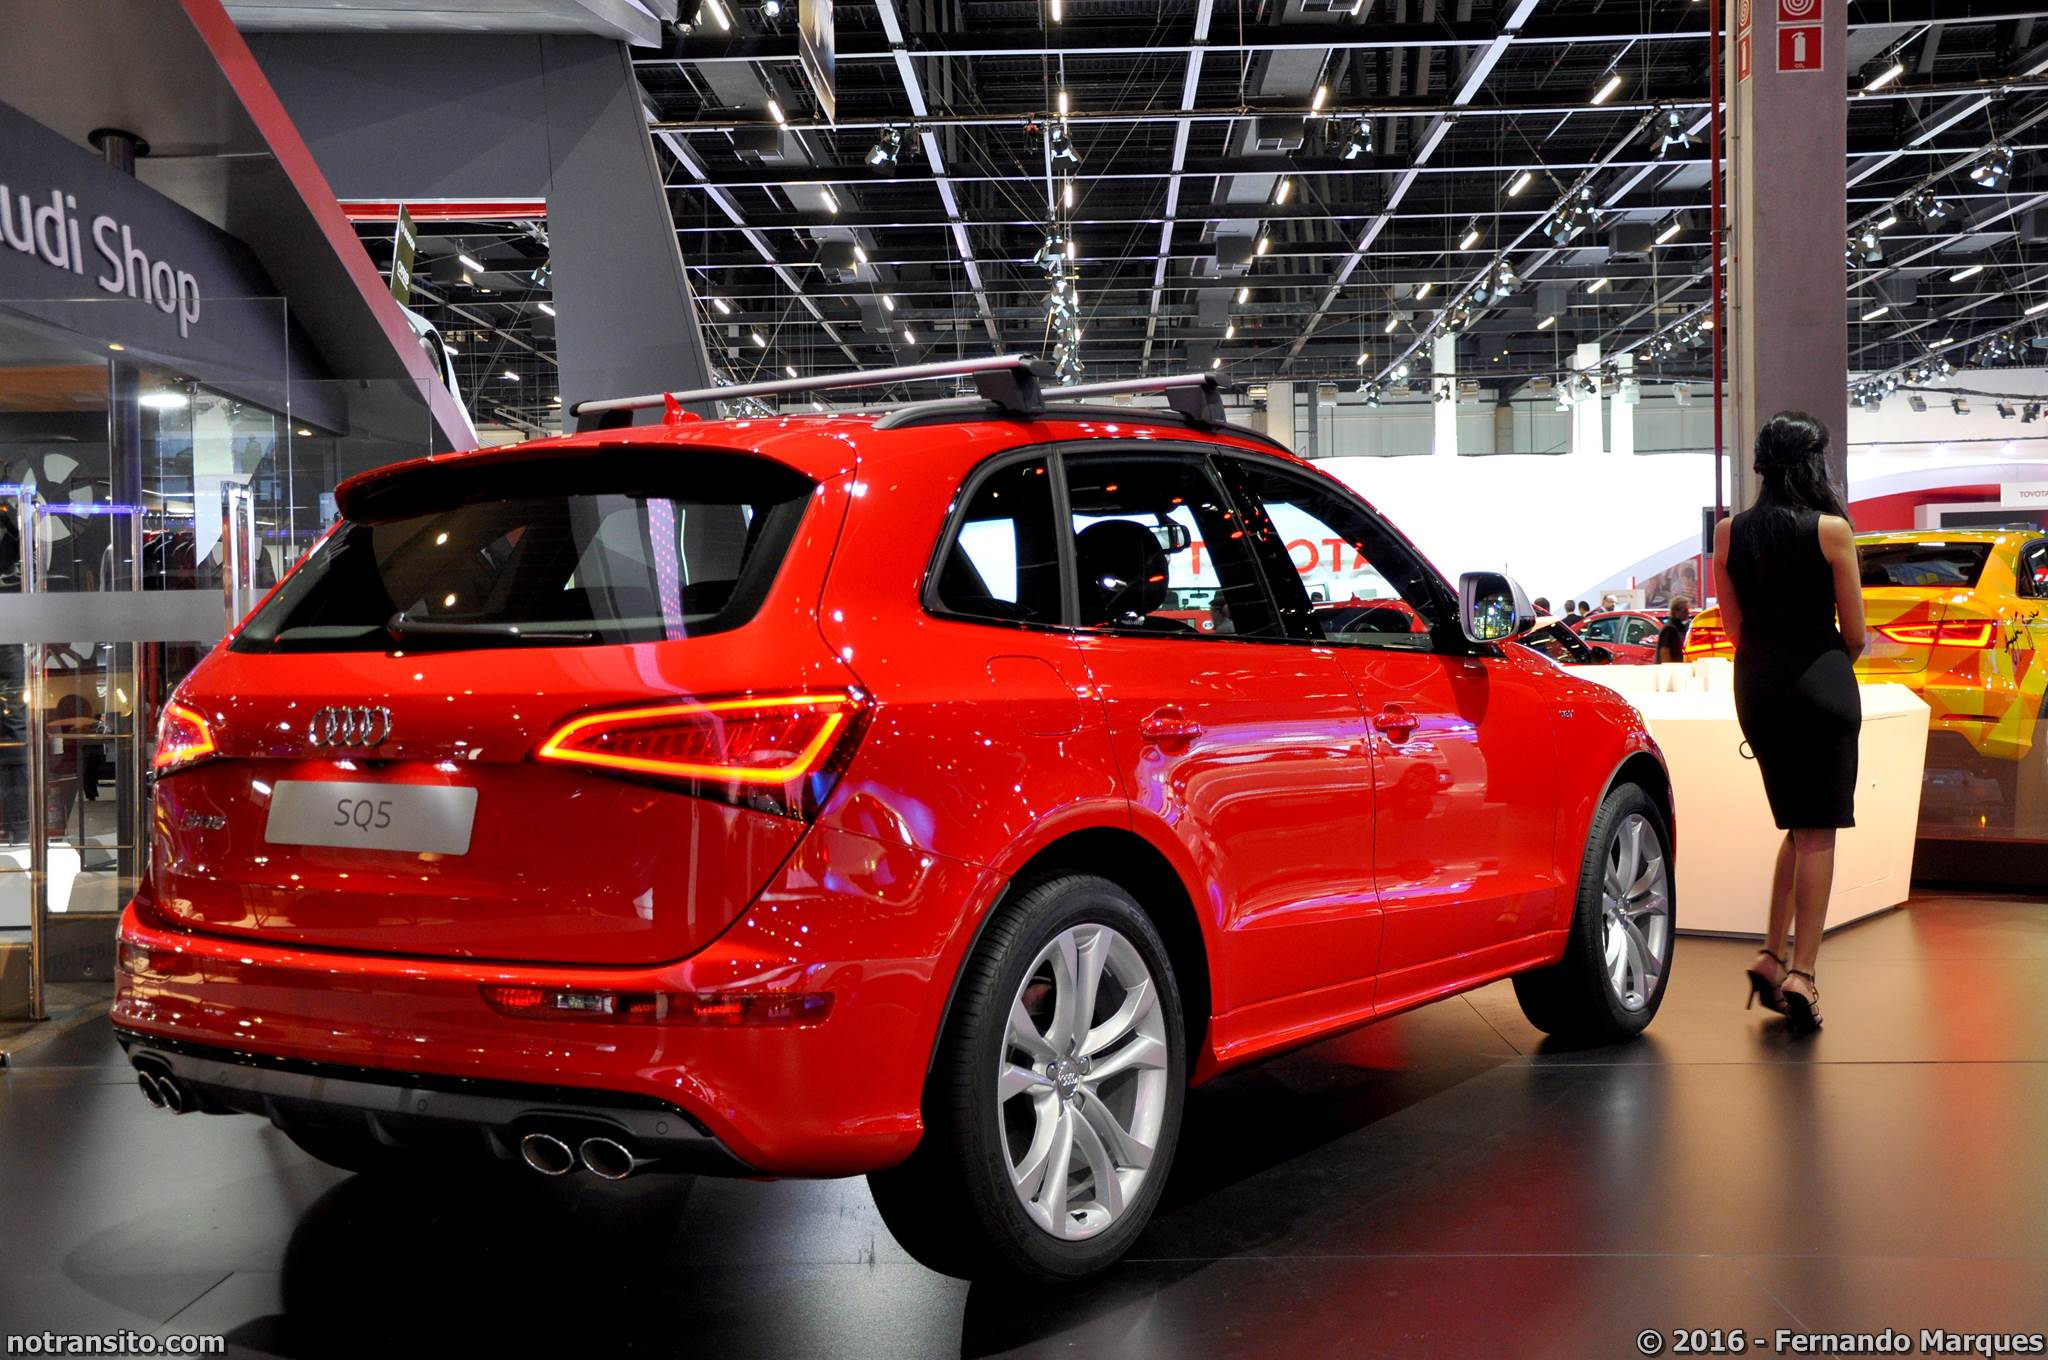 Estande Audi Salão do Automóvel 2016